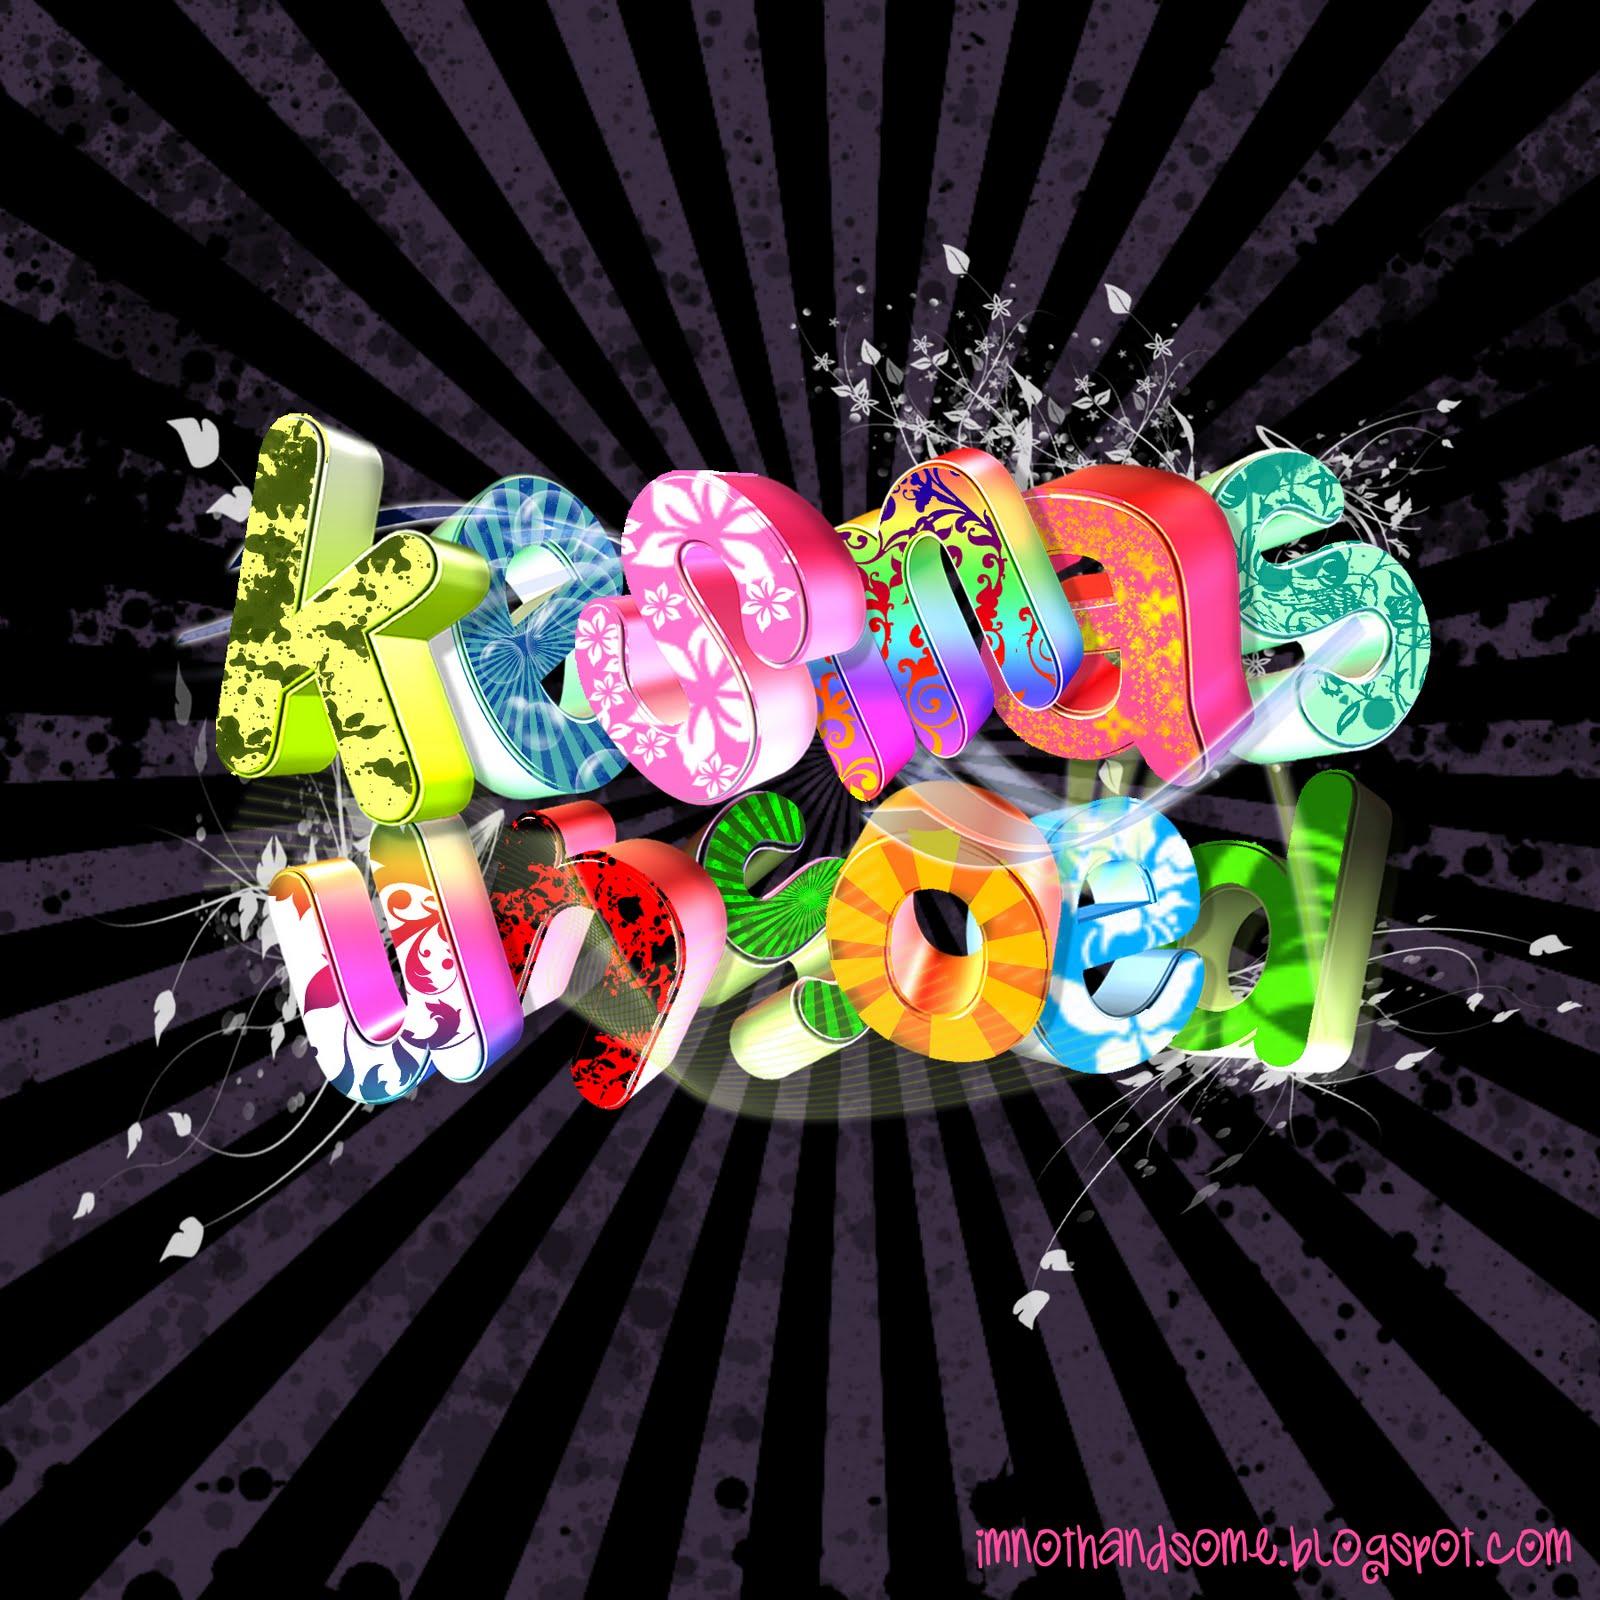 http://2.bp.blogspot.com/_TbPDE8RU3hE/TDAtJpv57eI/AAAAAAAAACk/jTgCRLeOvFE/s1600/PH.jpg